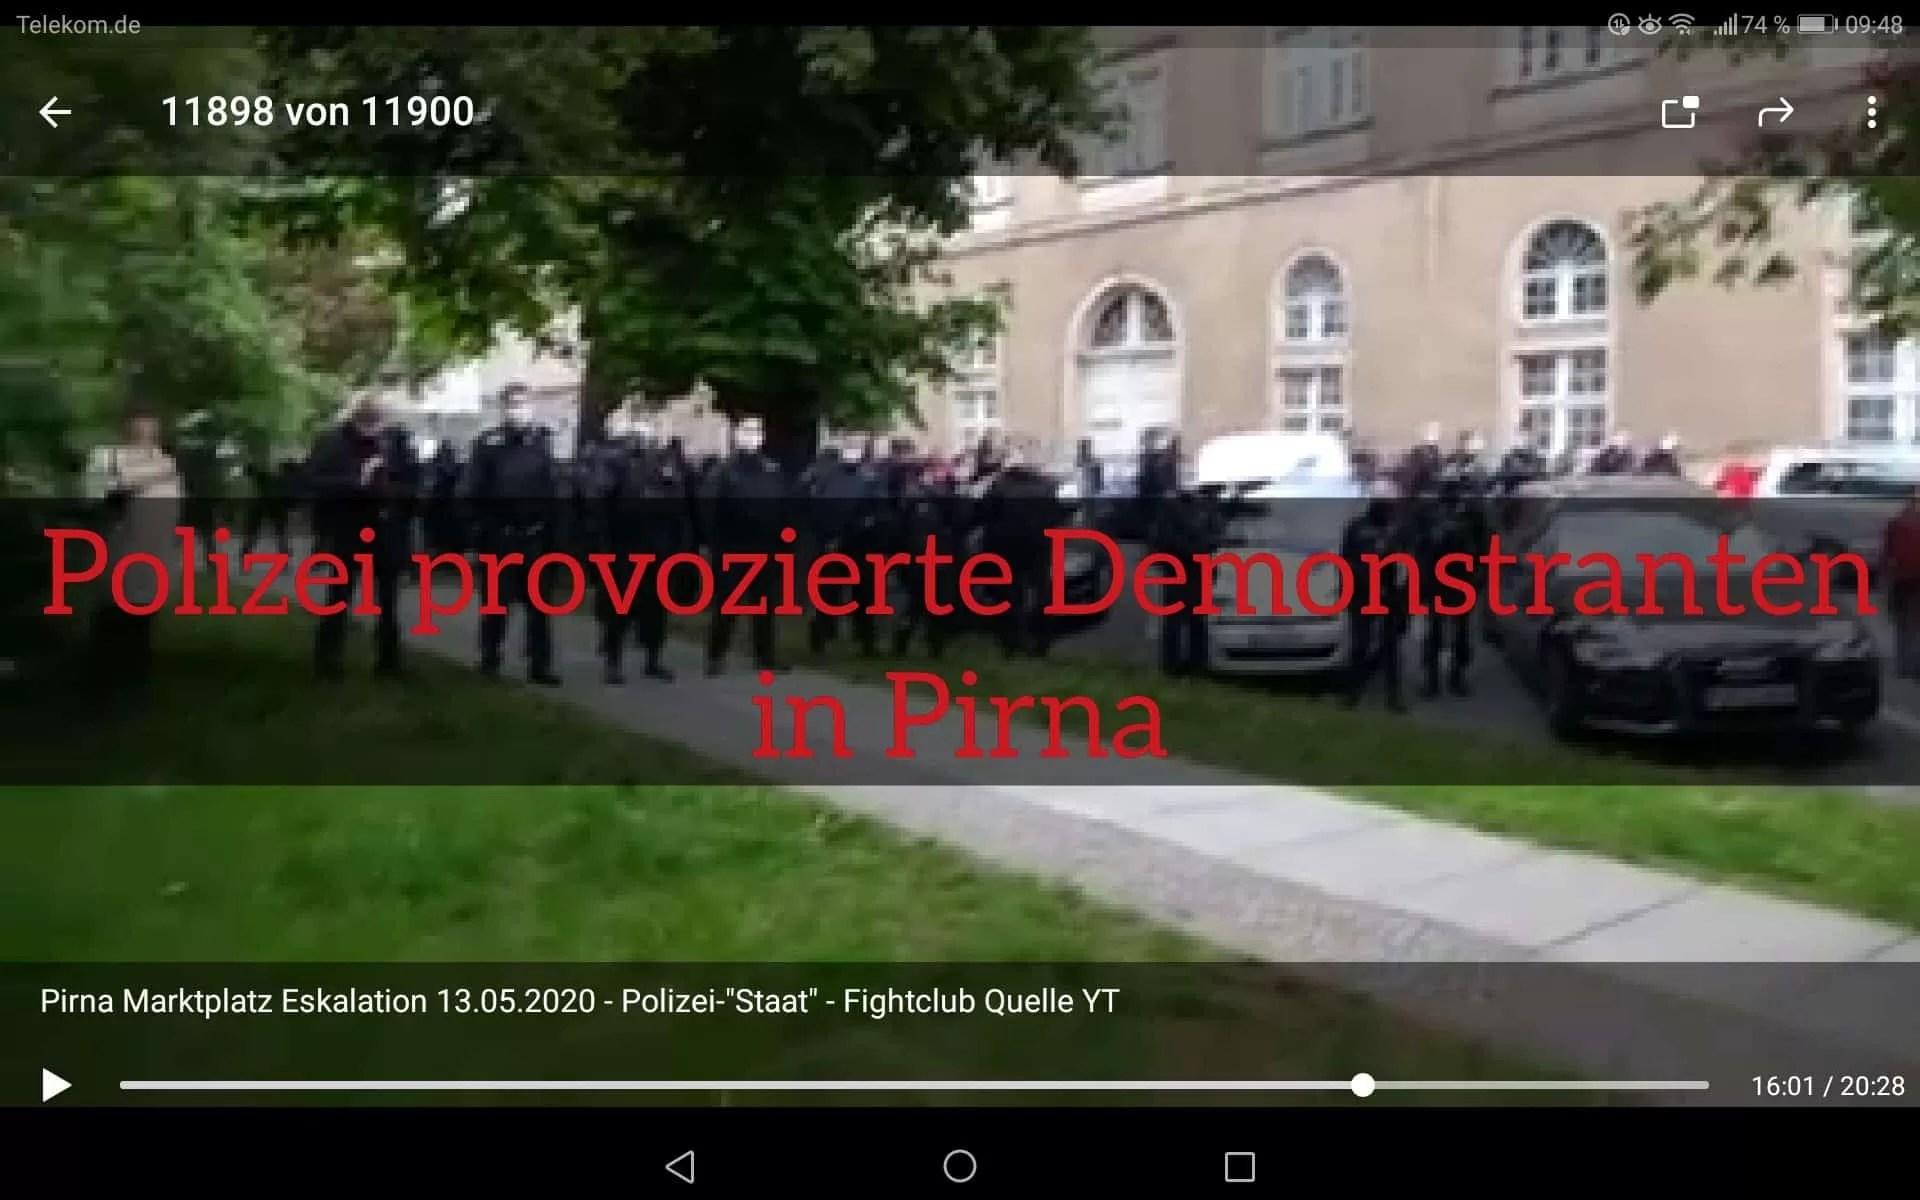 Polizei provoziert in Pirna